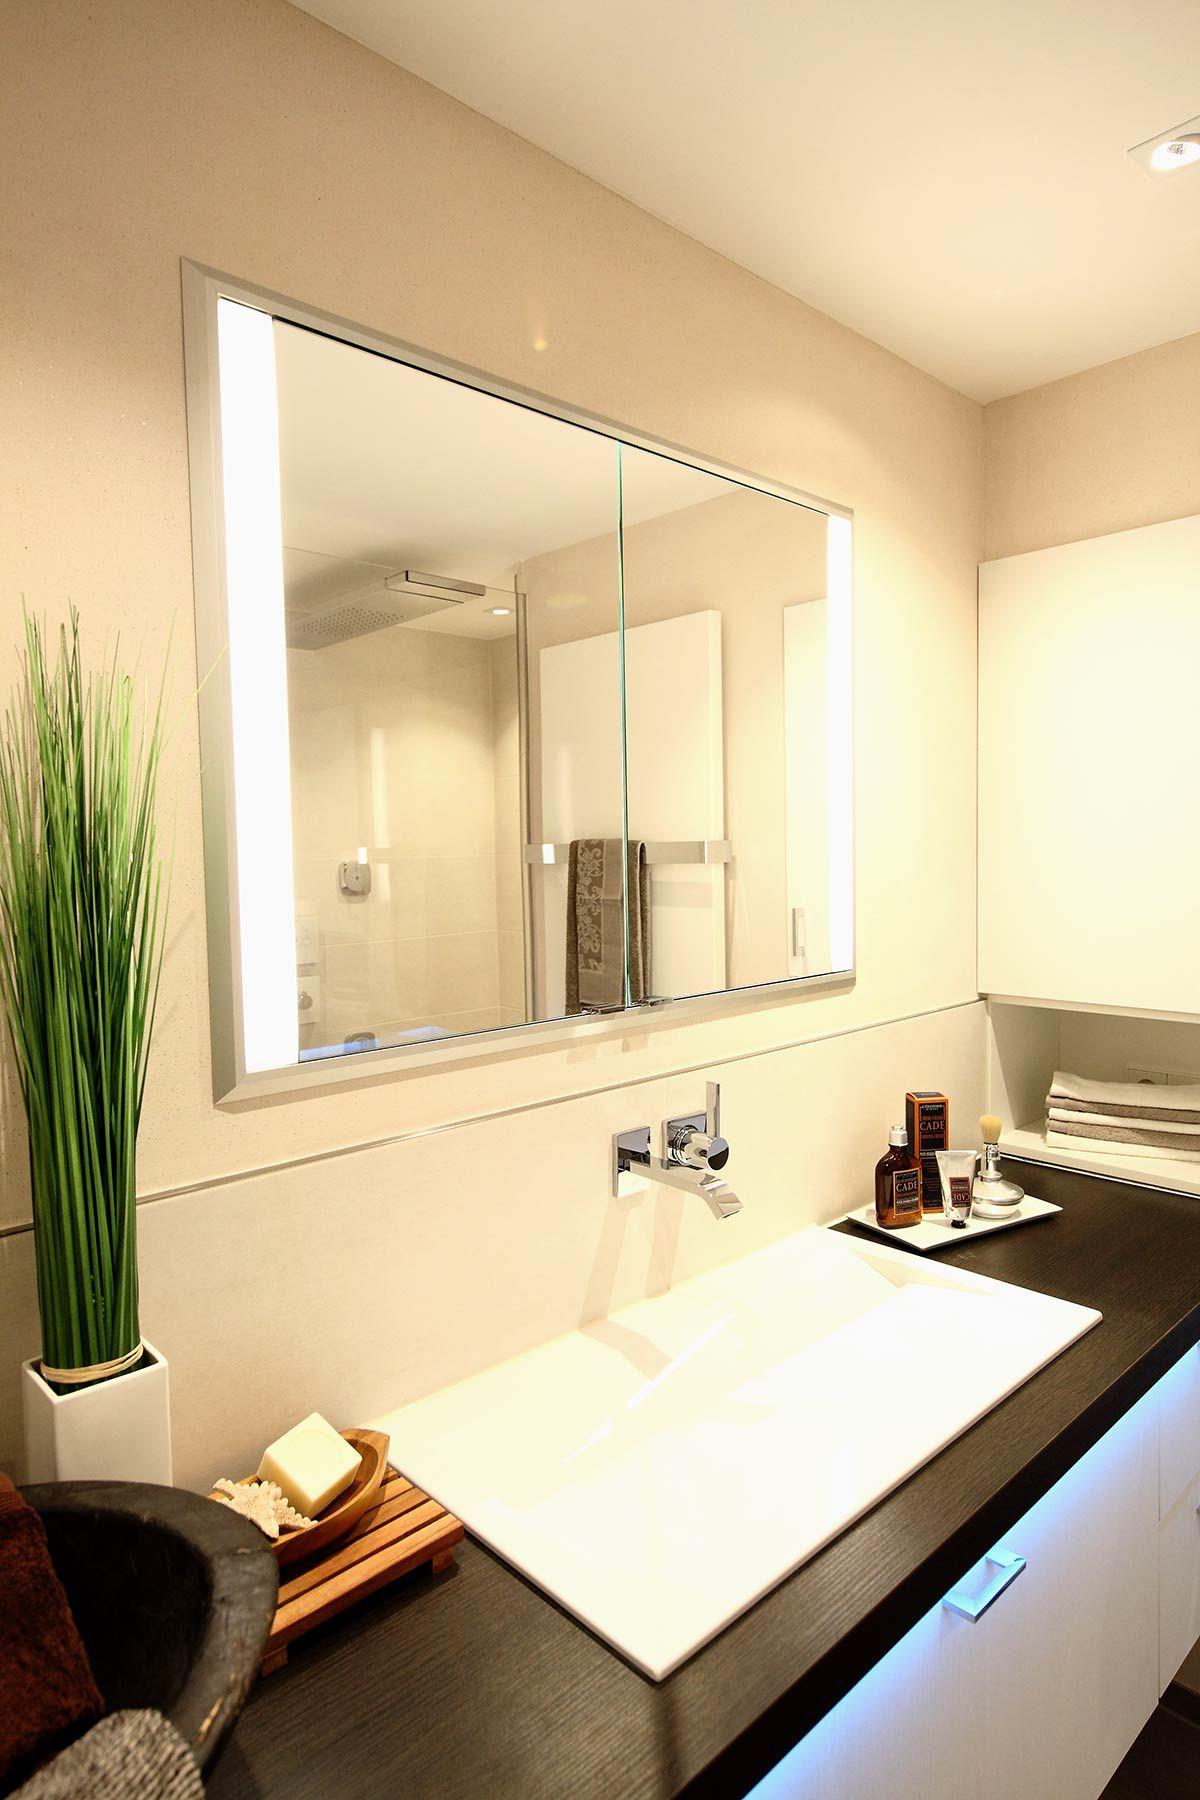 Badezimmer Spiegelschrank Spiegelschrank Bad Und Badezimmer